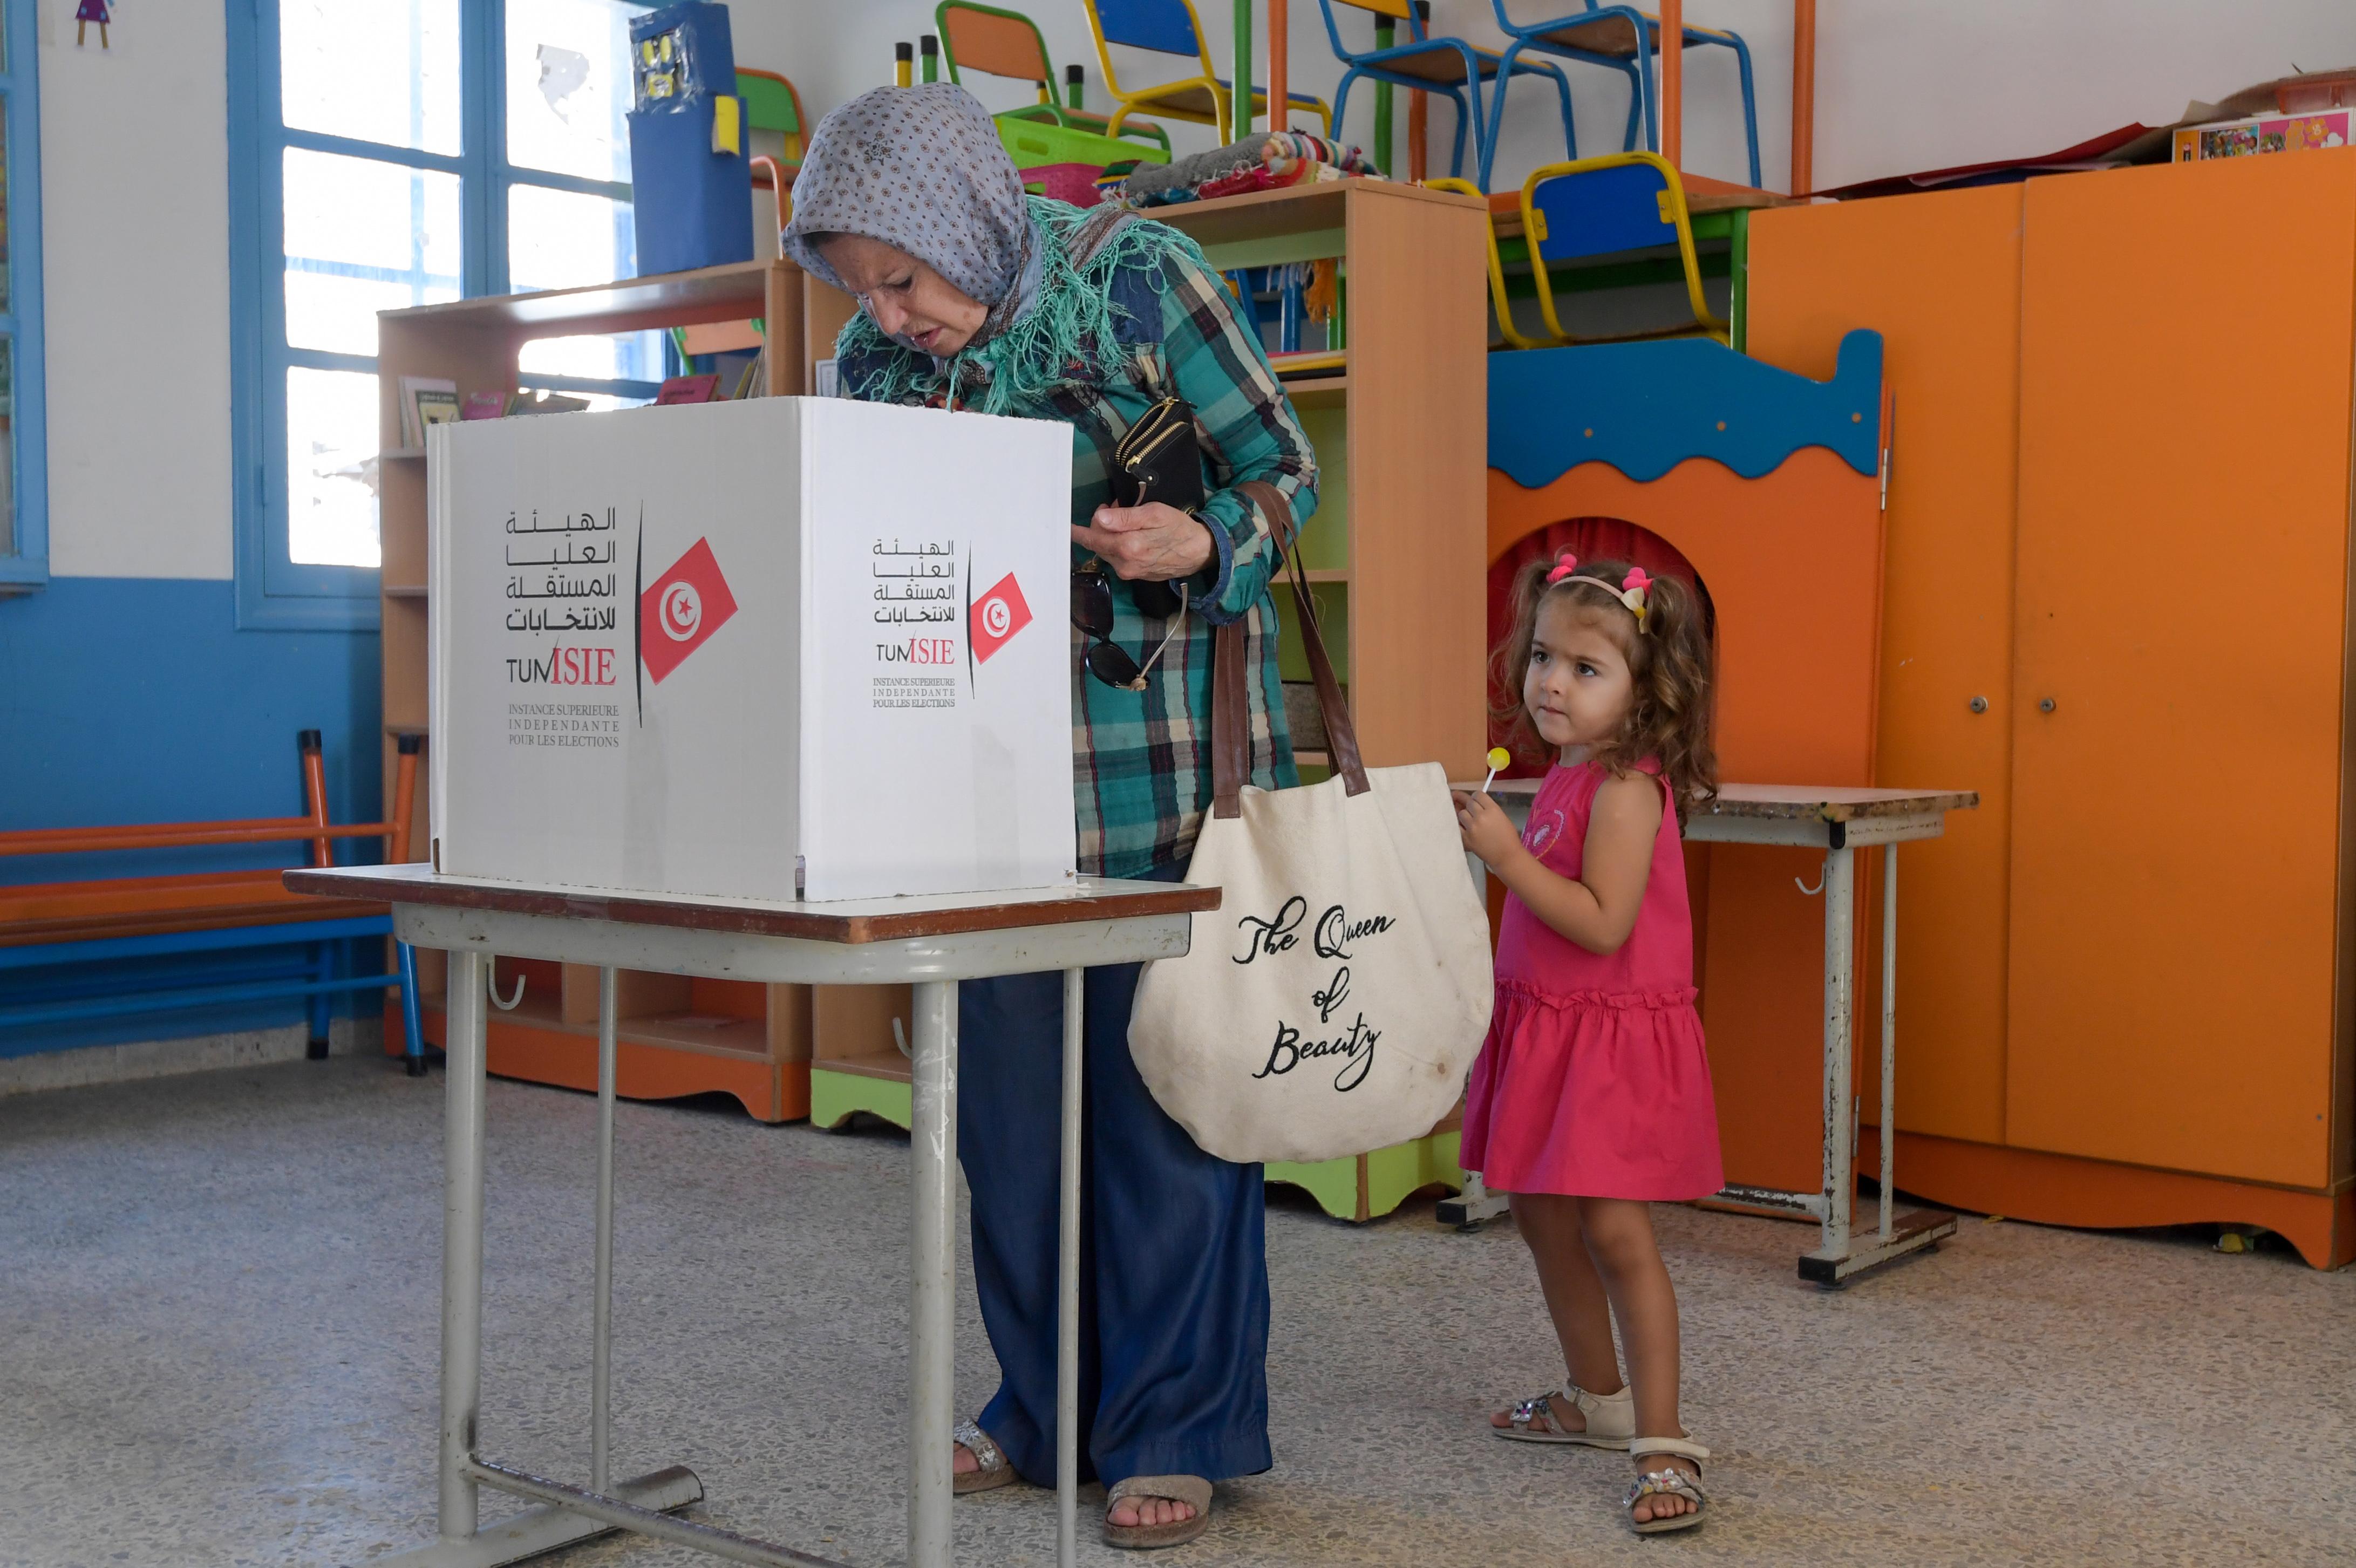 أجيال جديدة تشهد عملية الانتقال الديمقراطي